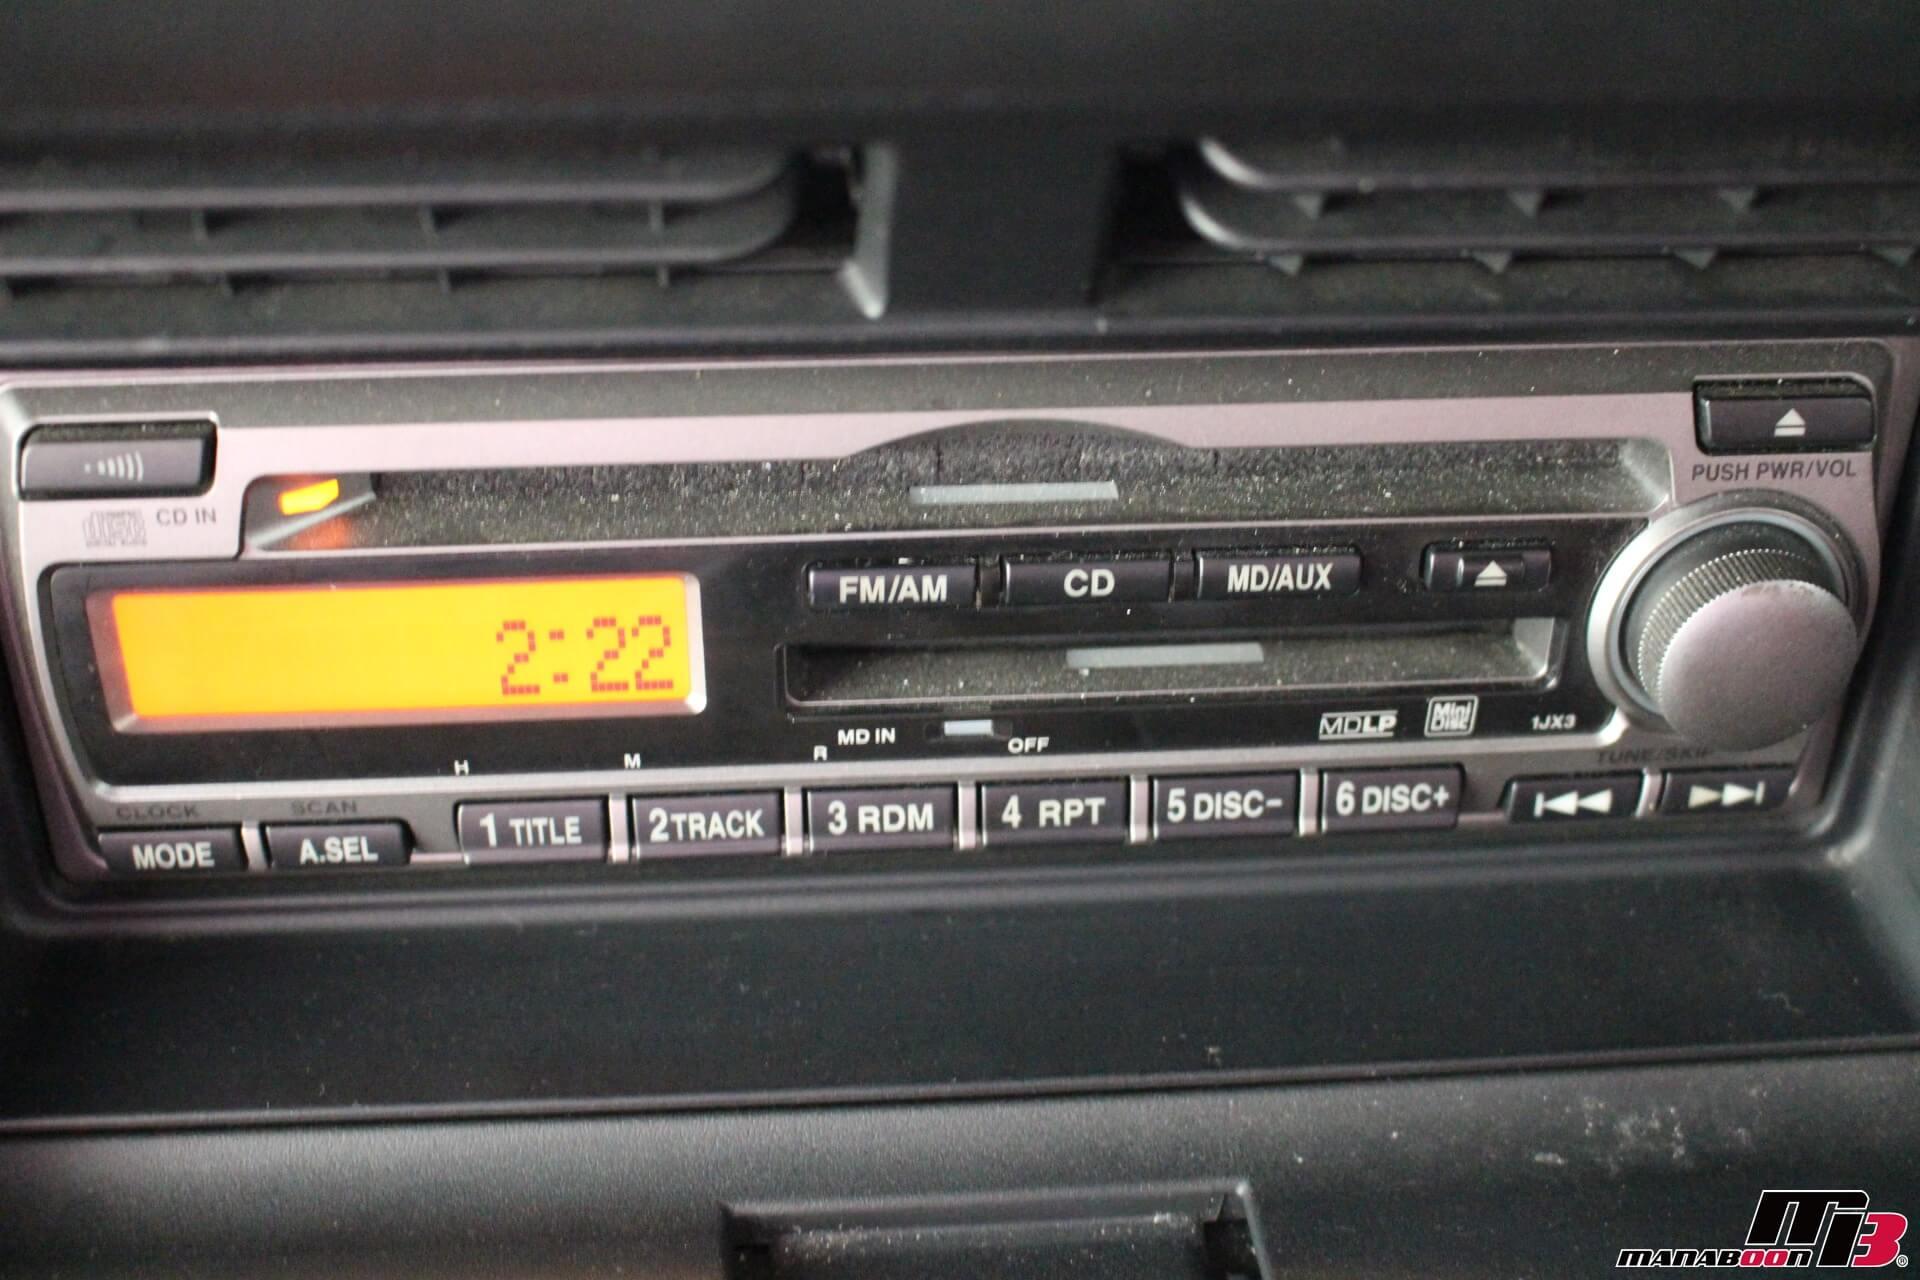 S2000(AP1)後期 CDMDデッキ画像